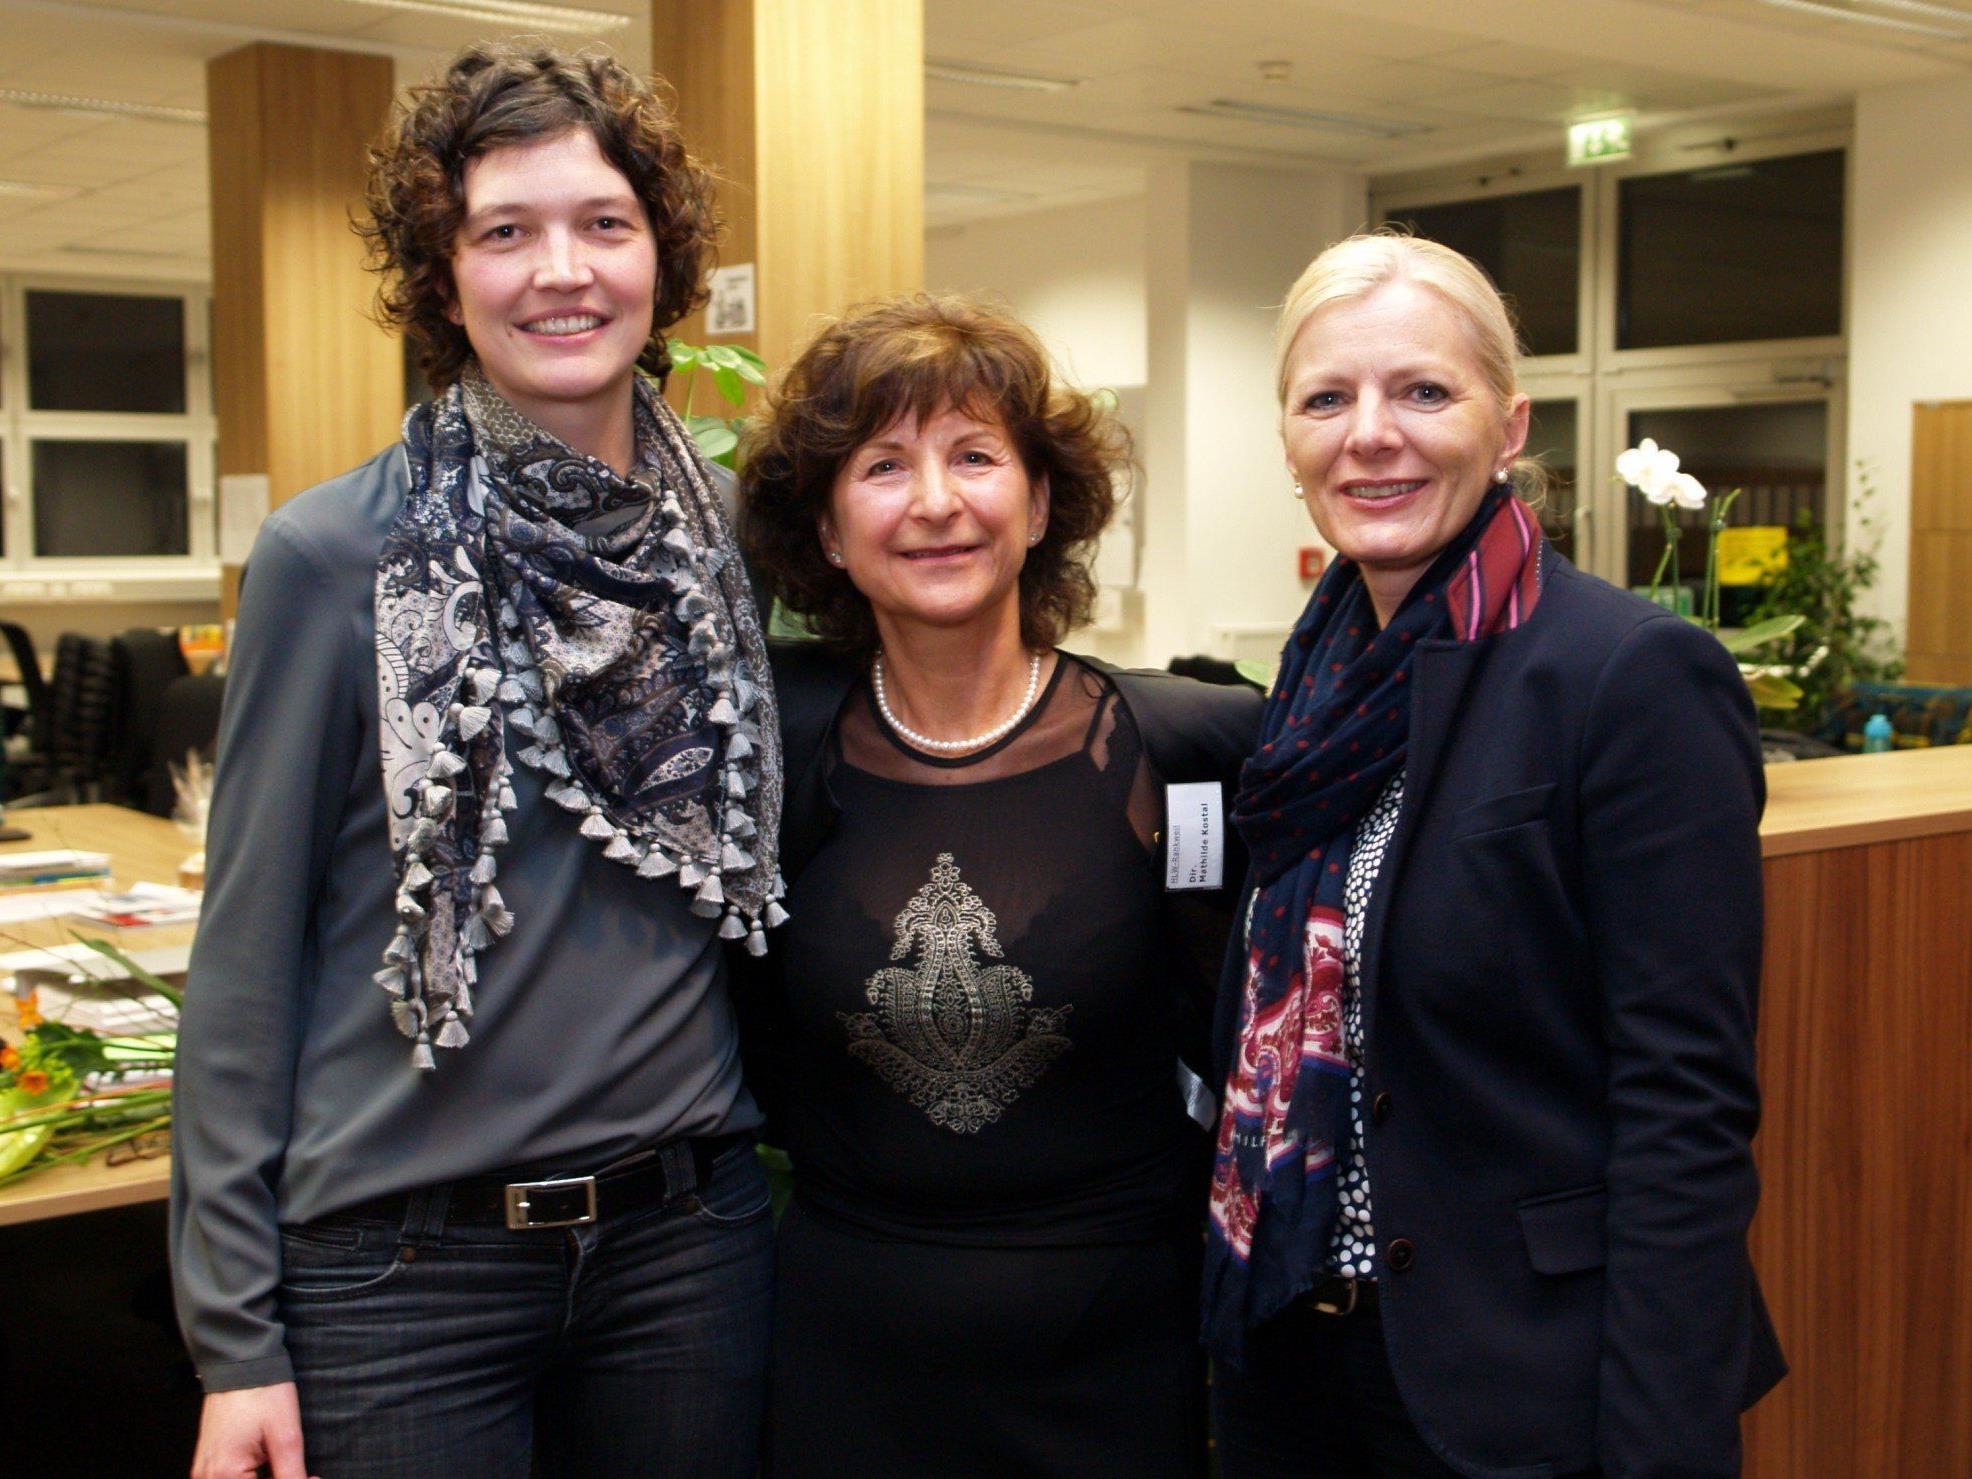 """Direktorin Mathilde Kostal mit den Referentinnen Judith Zeiner und Michaela Wagner bei der """"Langen Nacht der HLW""""."""